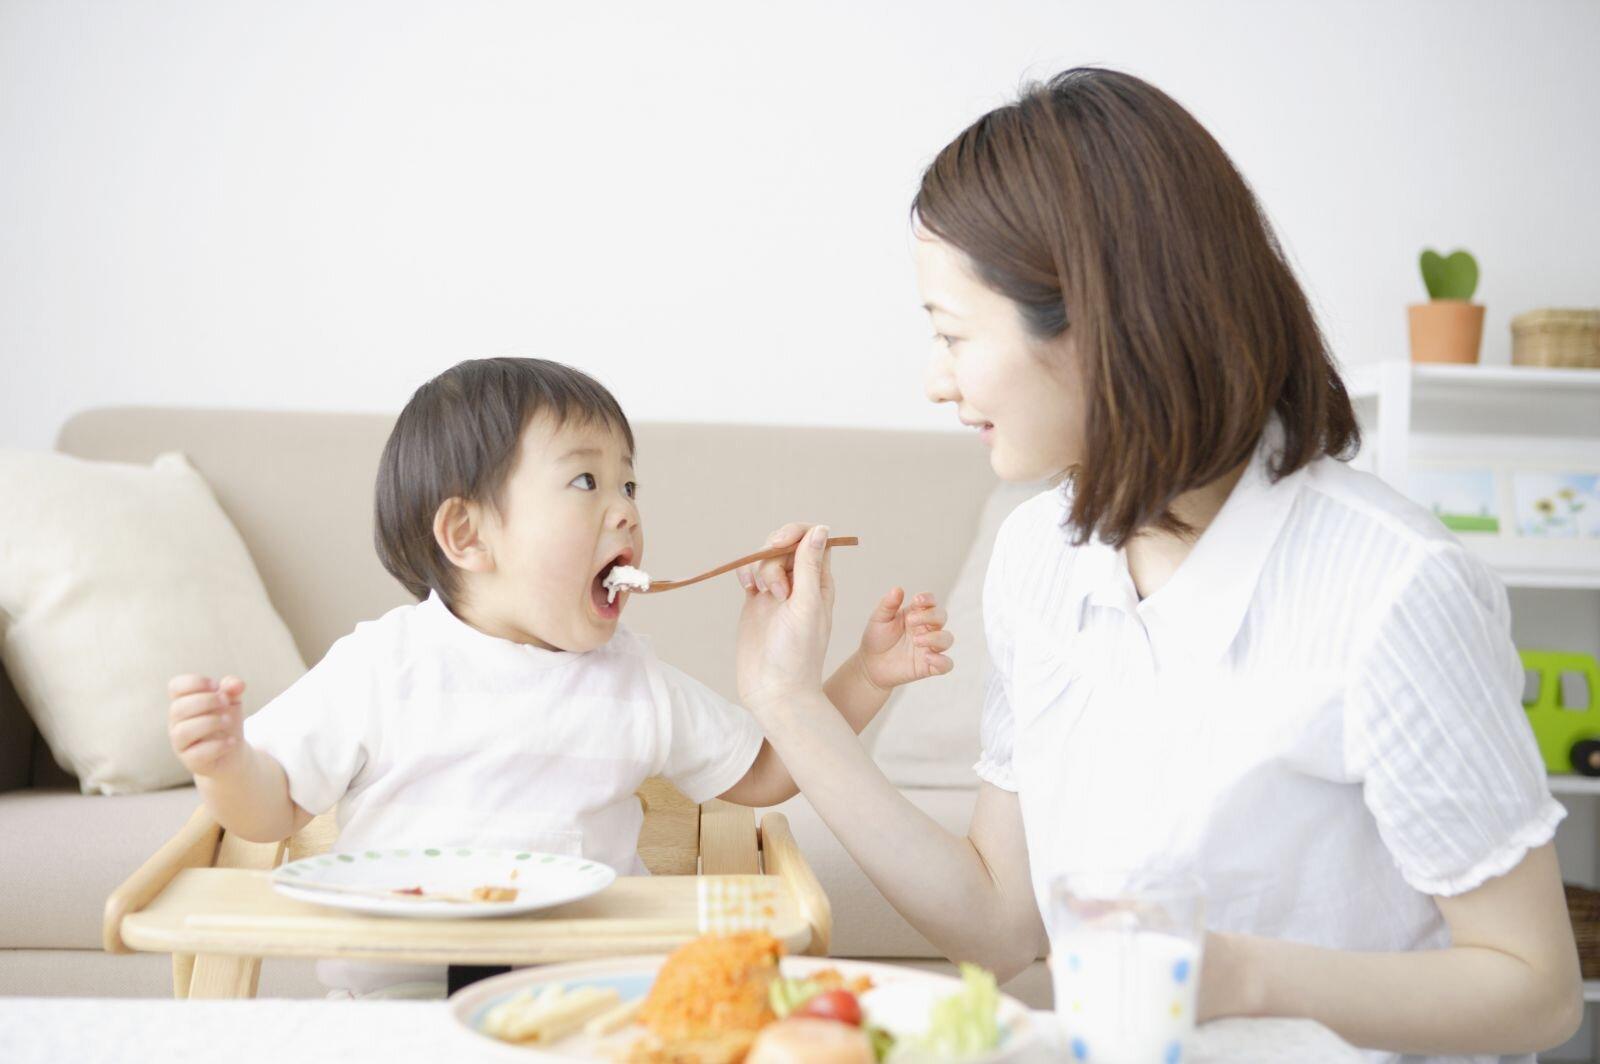 1 Tai Yến Ăn Được Bao Nhiêu Lần Đối Với Trẻ Nhỏ